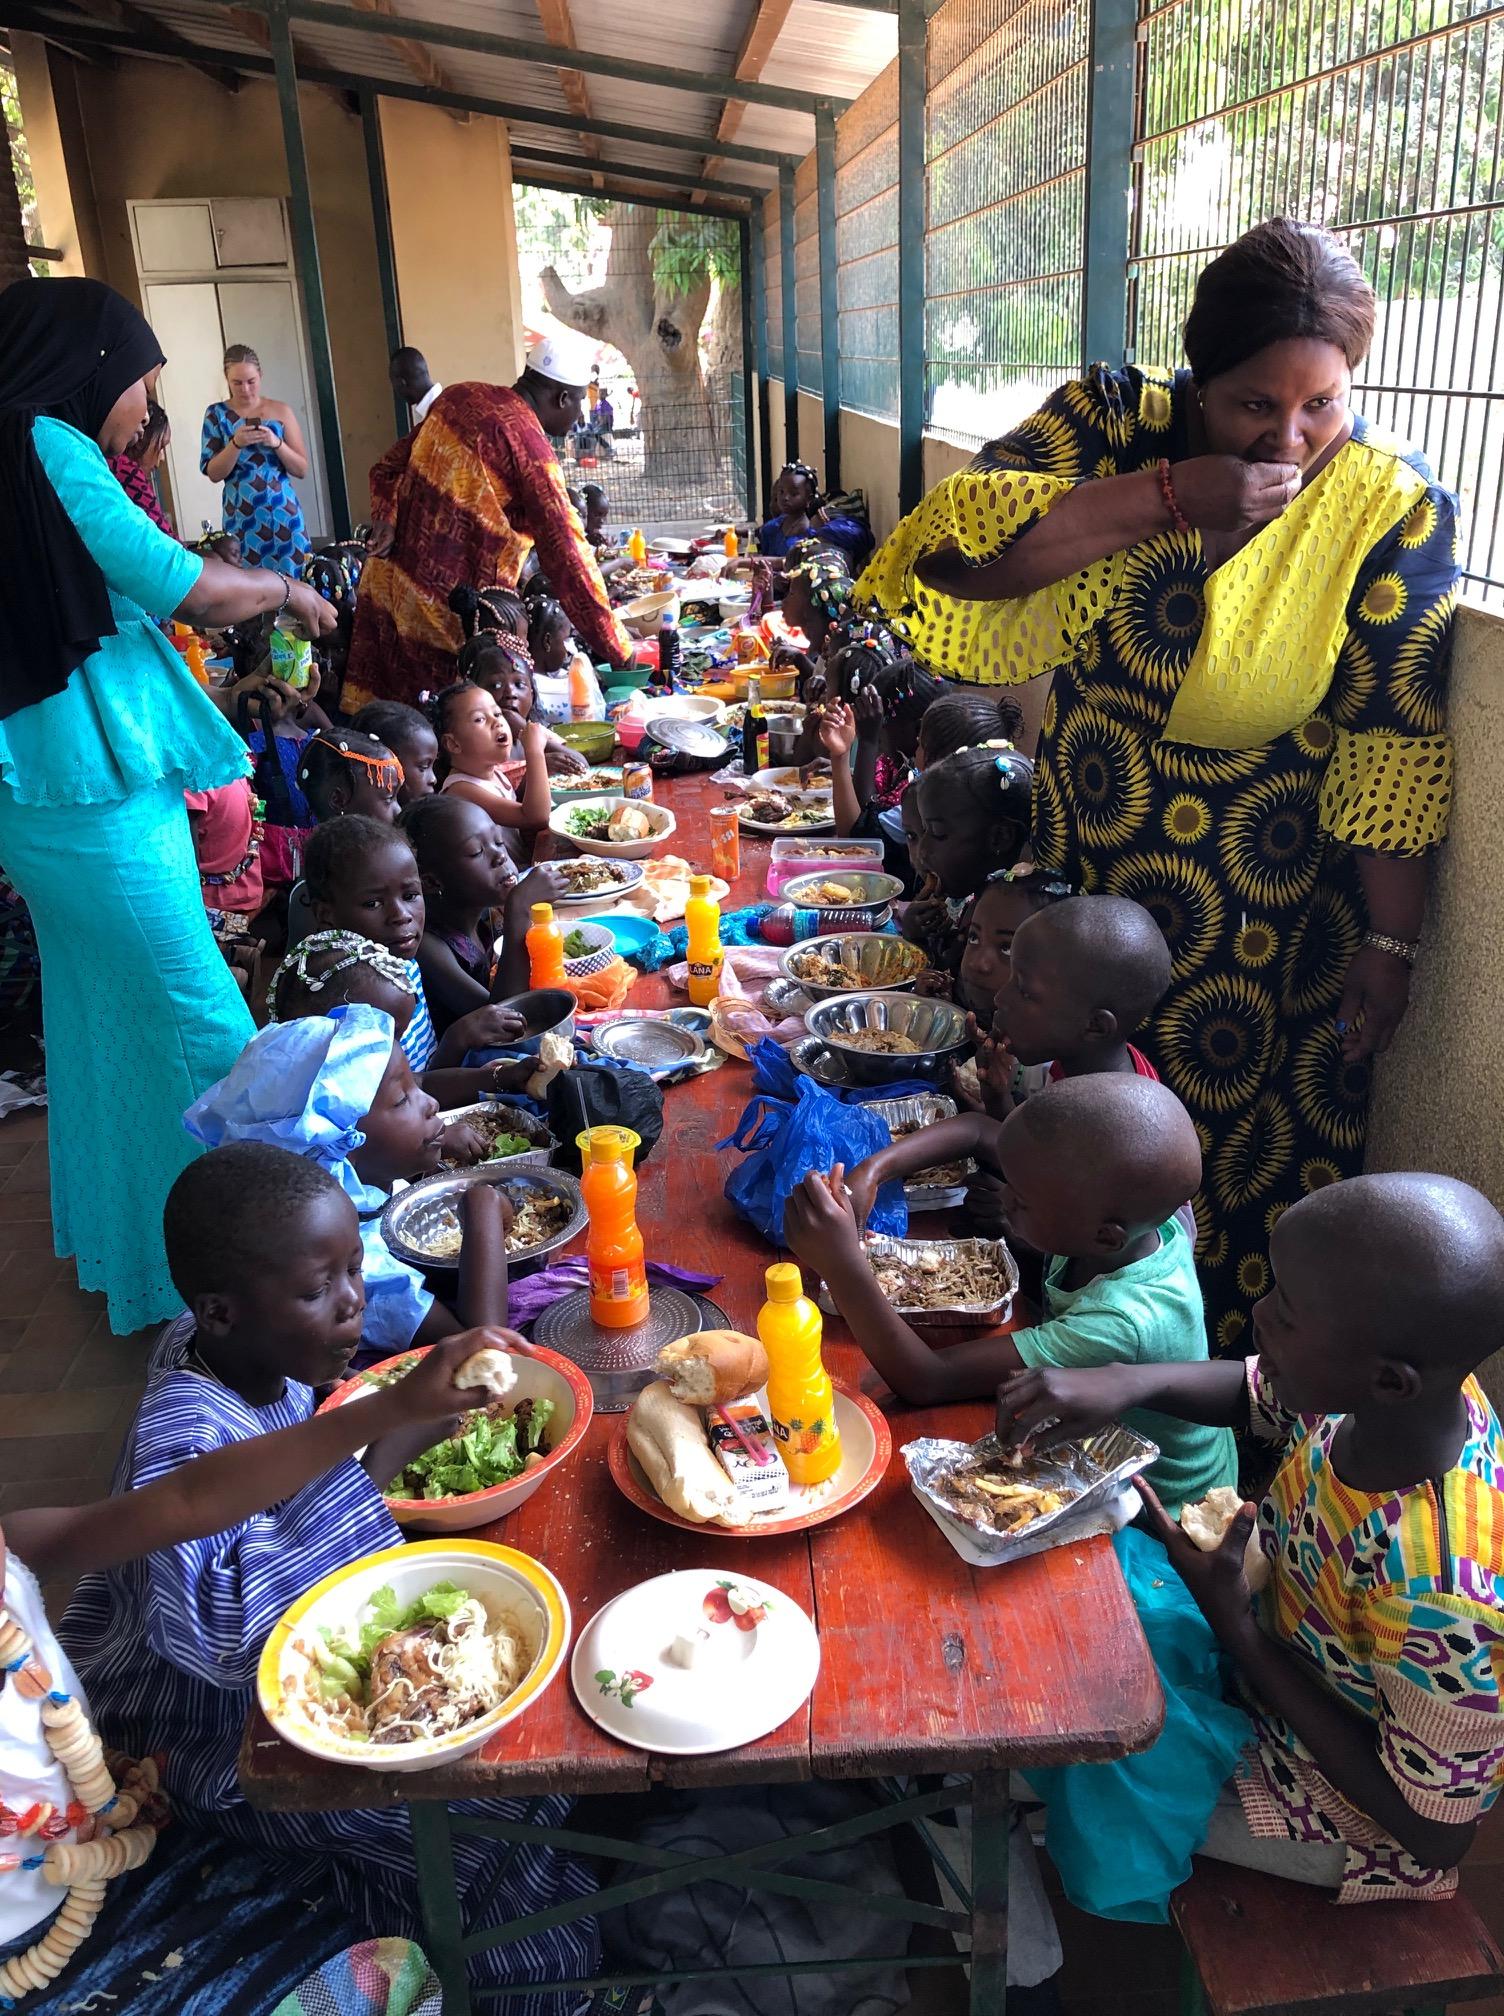 Ein Festmahl zum Commonwealth-Day